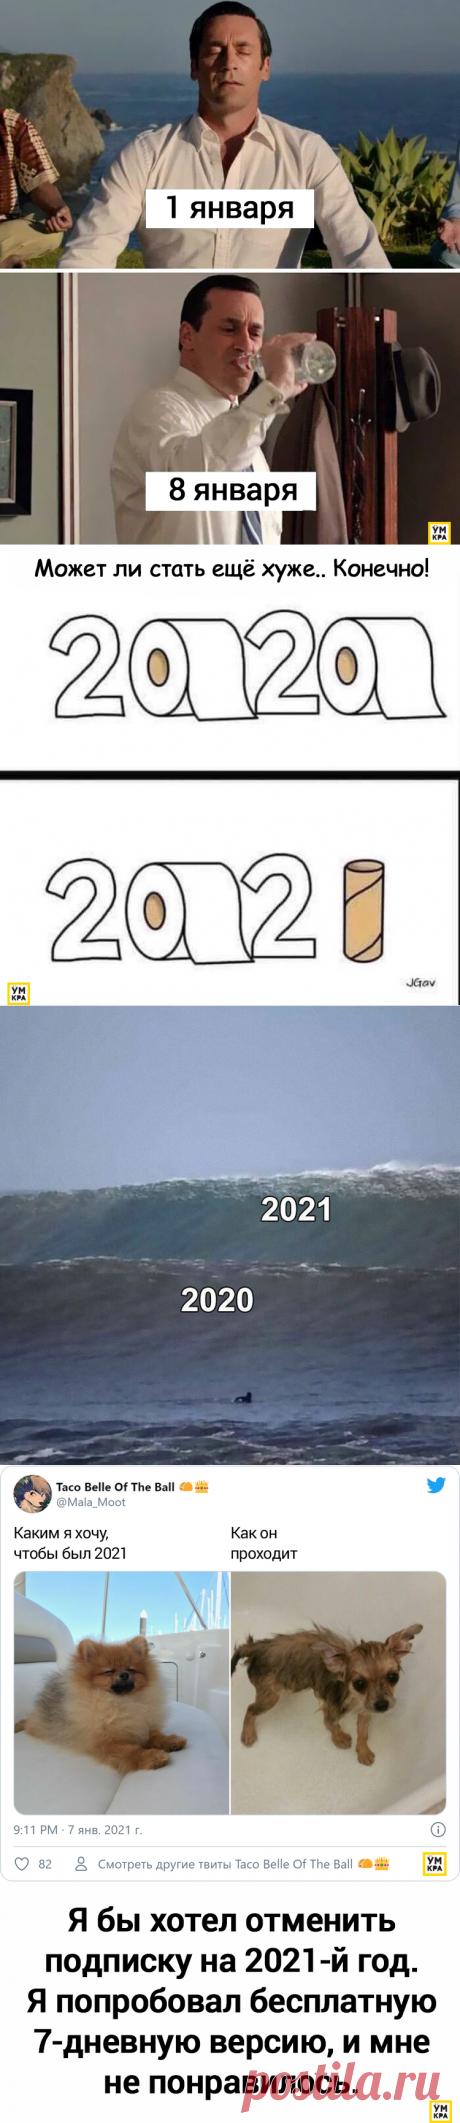 16 смешных мемов про неудачный 2021 год, который уже многие не могут отличить от 2020-го